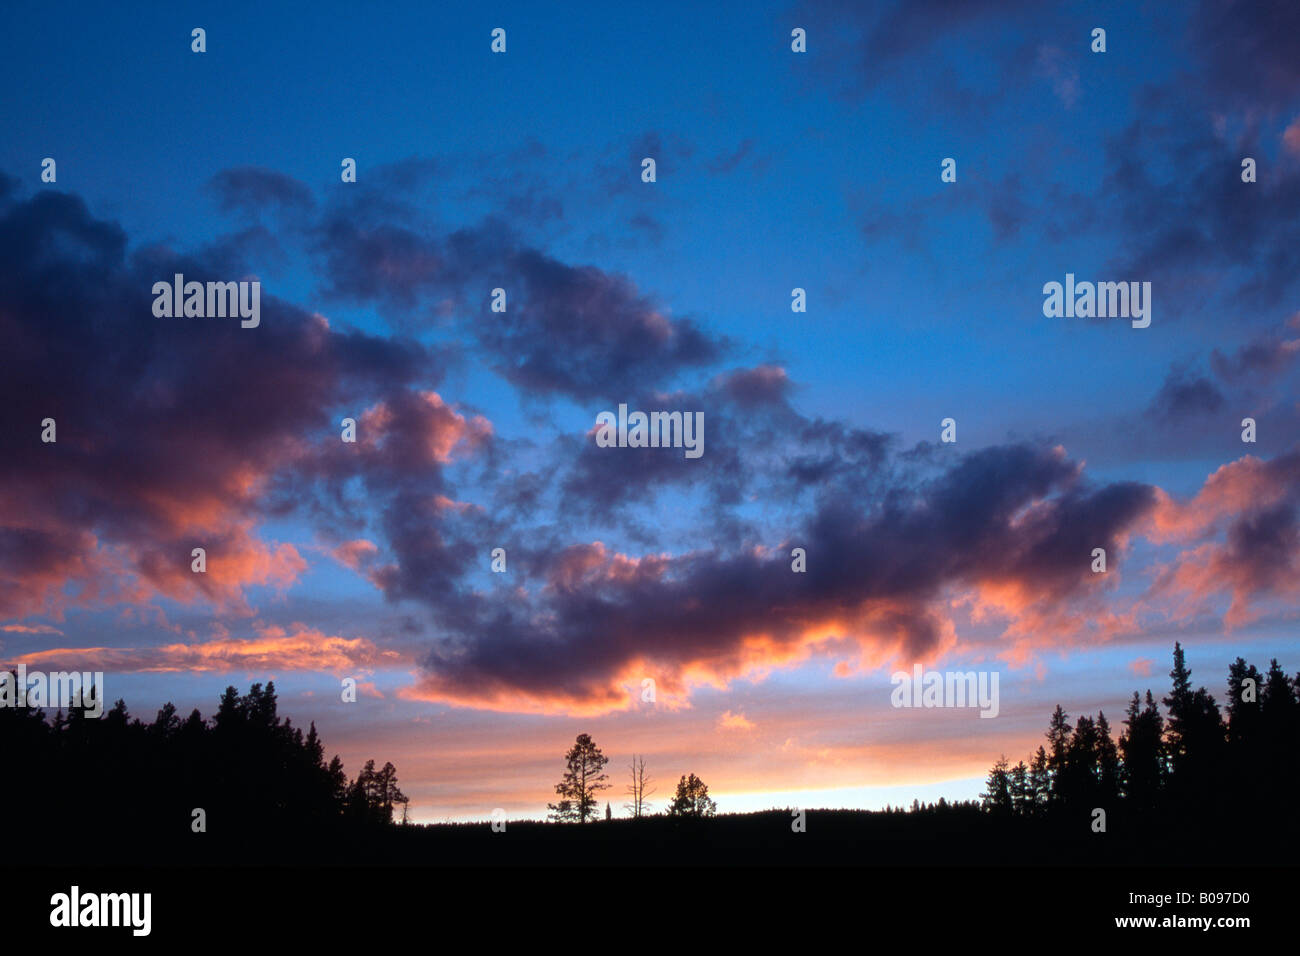 Dramatische Wolken bei Sonnenuntergang über Pinien und Wälder, Tirol, Österreich Stockbild